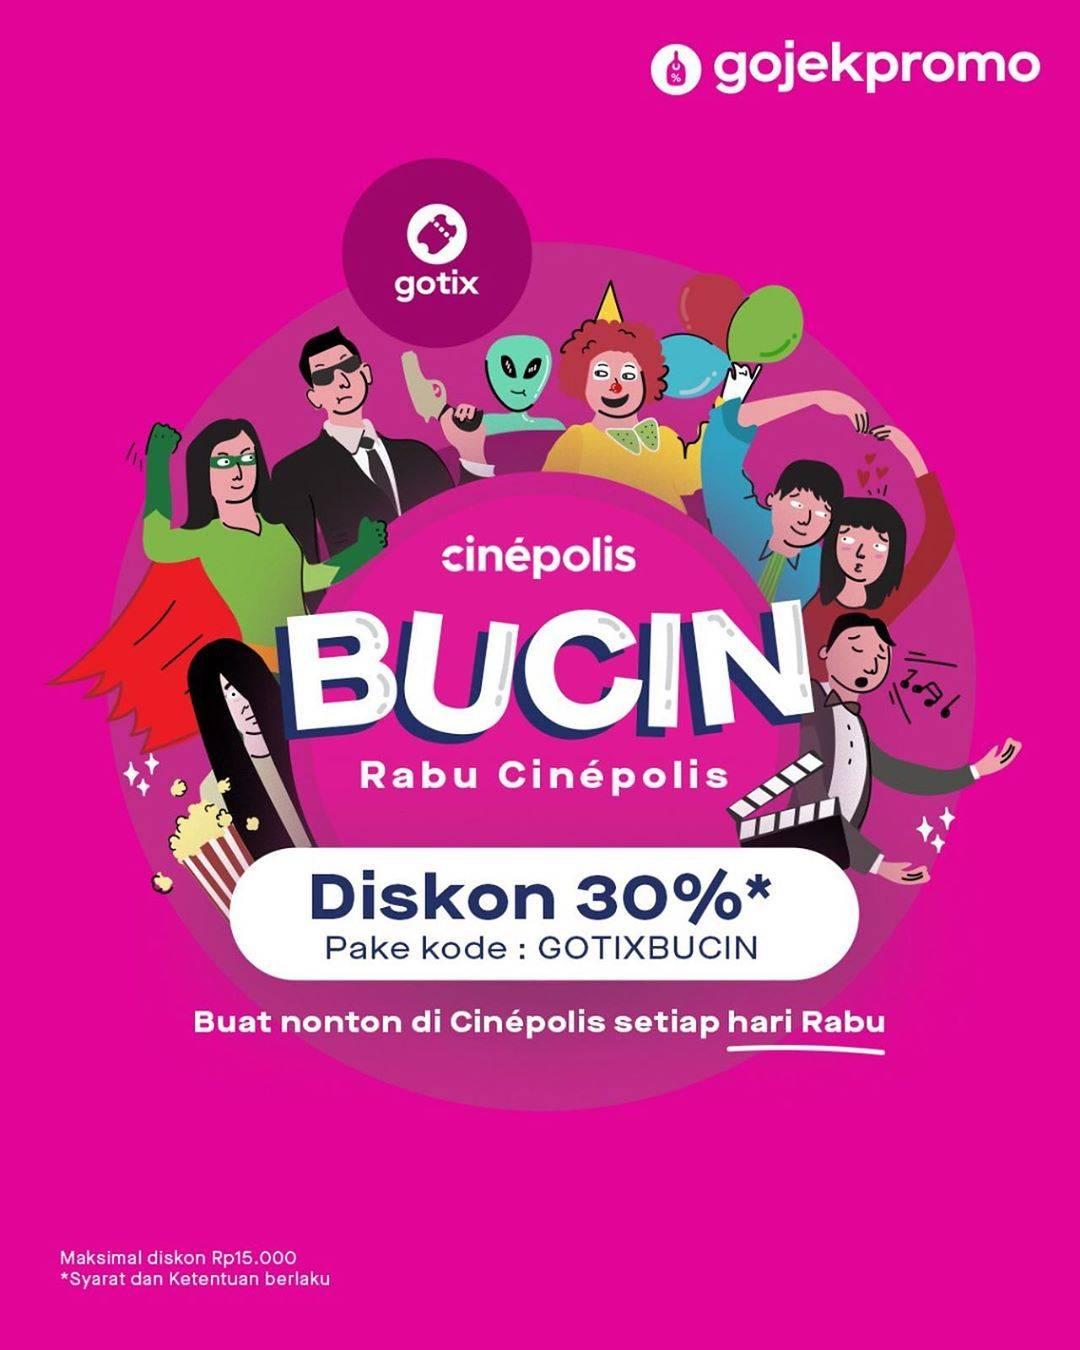 Diskon Gotix Diskon 30% Buat Nonton Di Cinepolis